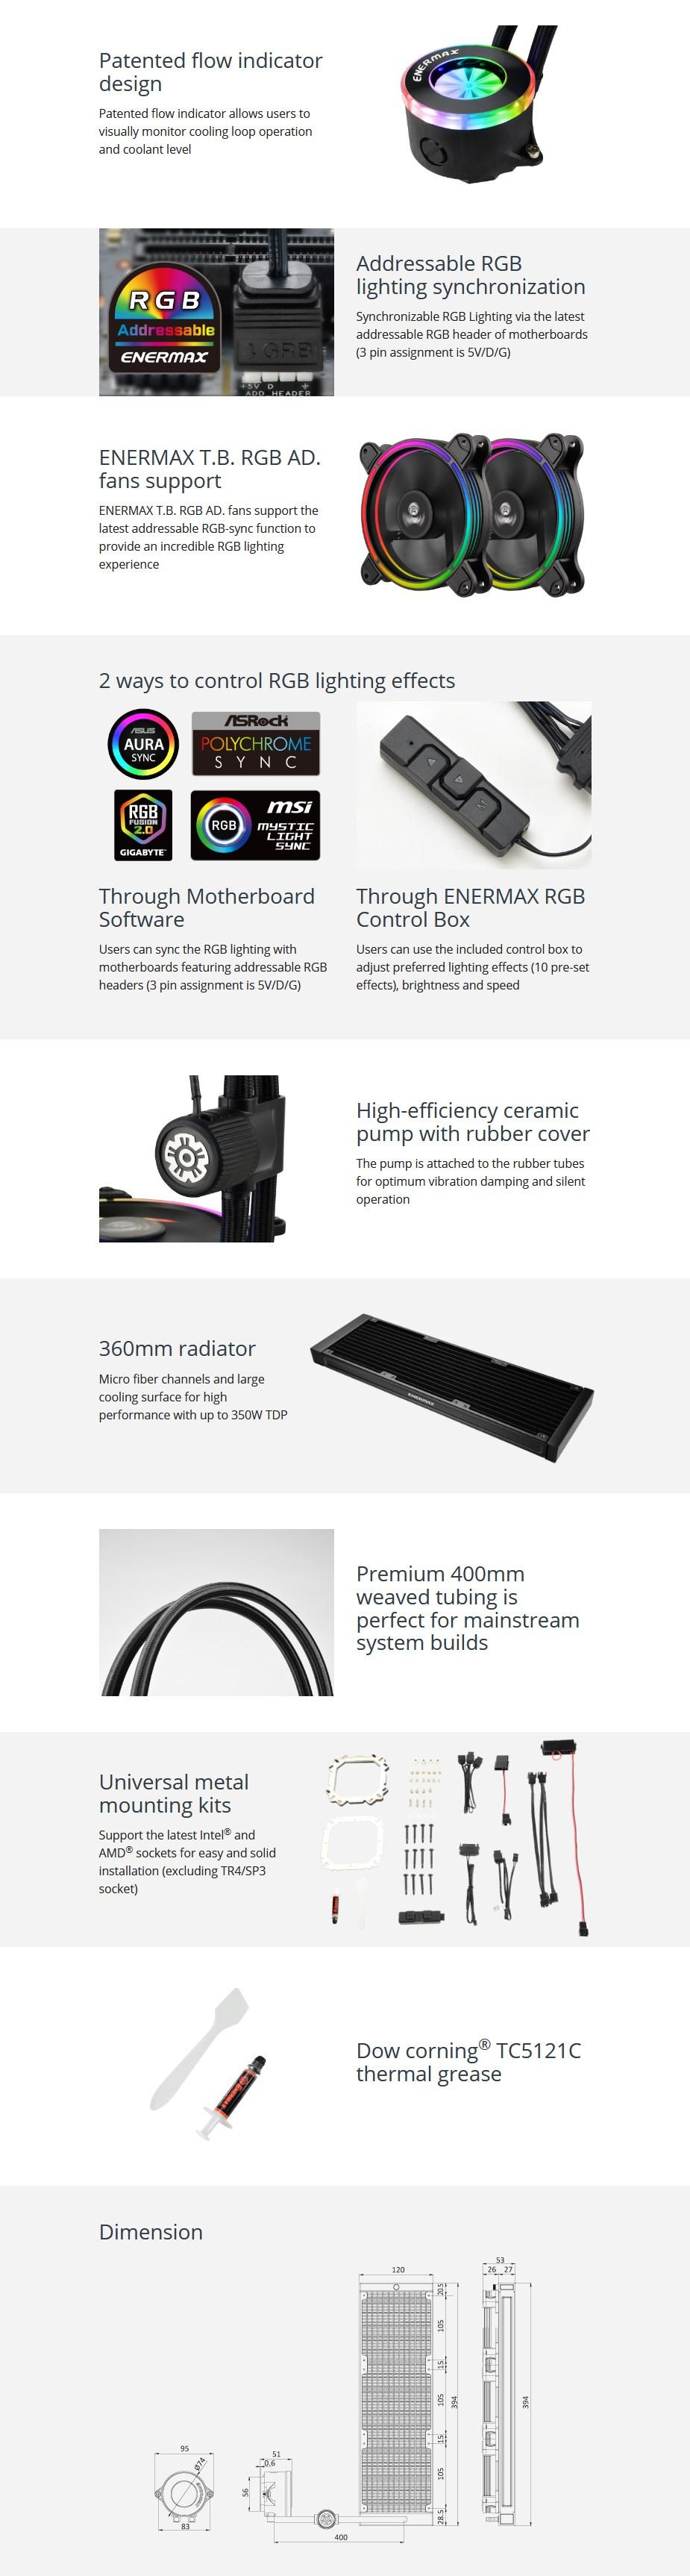 Enermax LIQFUSION 360 RGB Liquid CPU Cooler - Overview 1